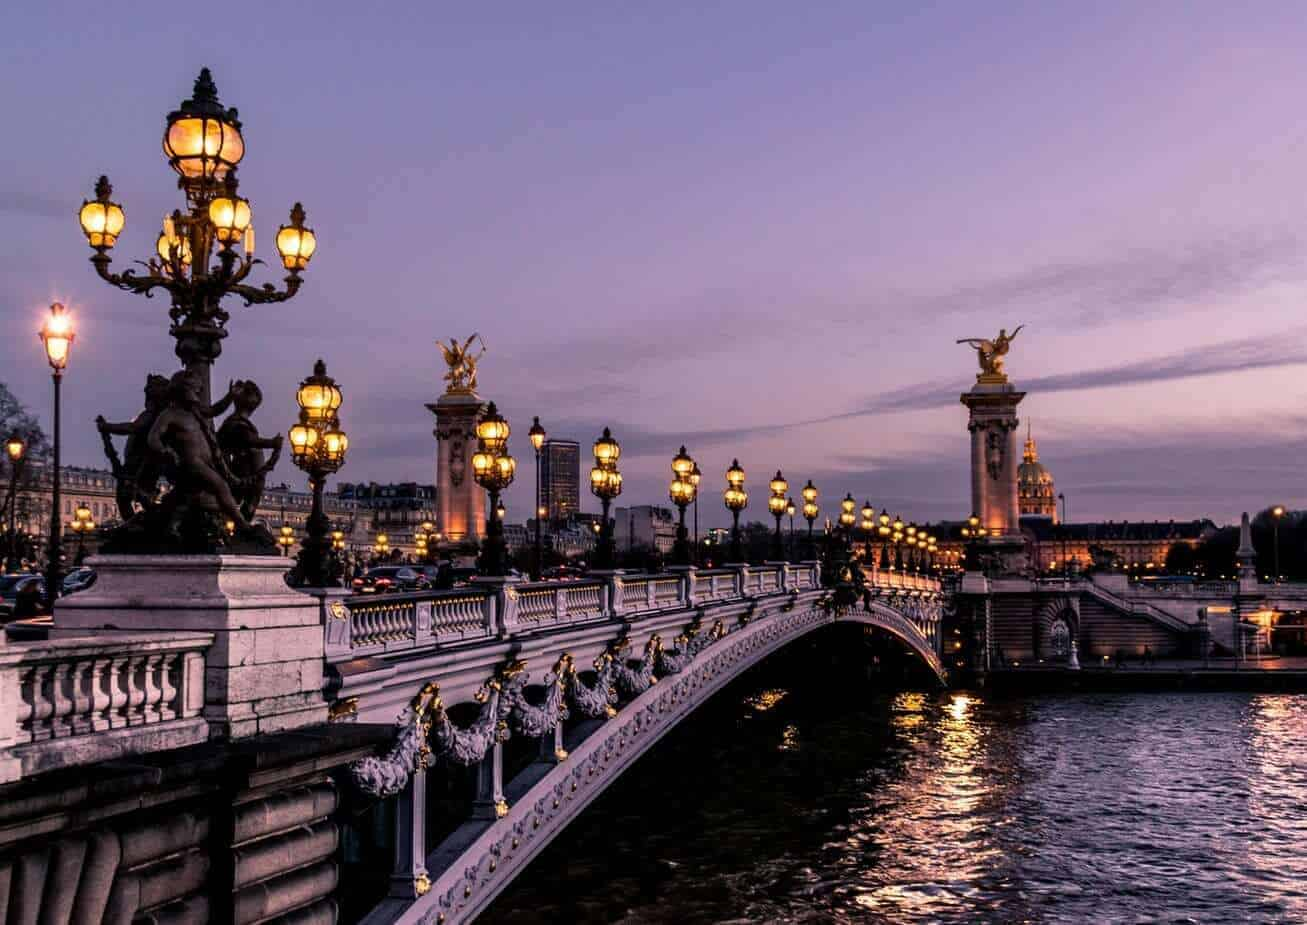 Bridge in Paris on river Seine